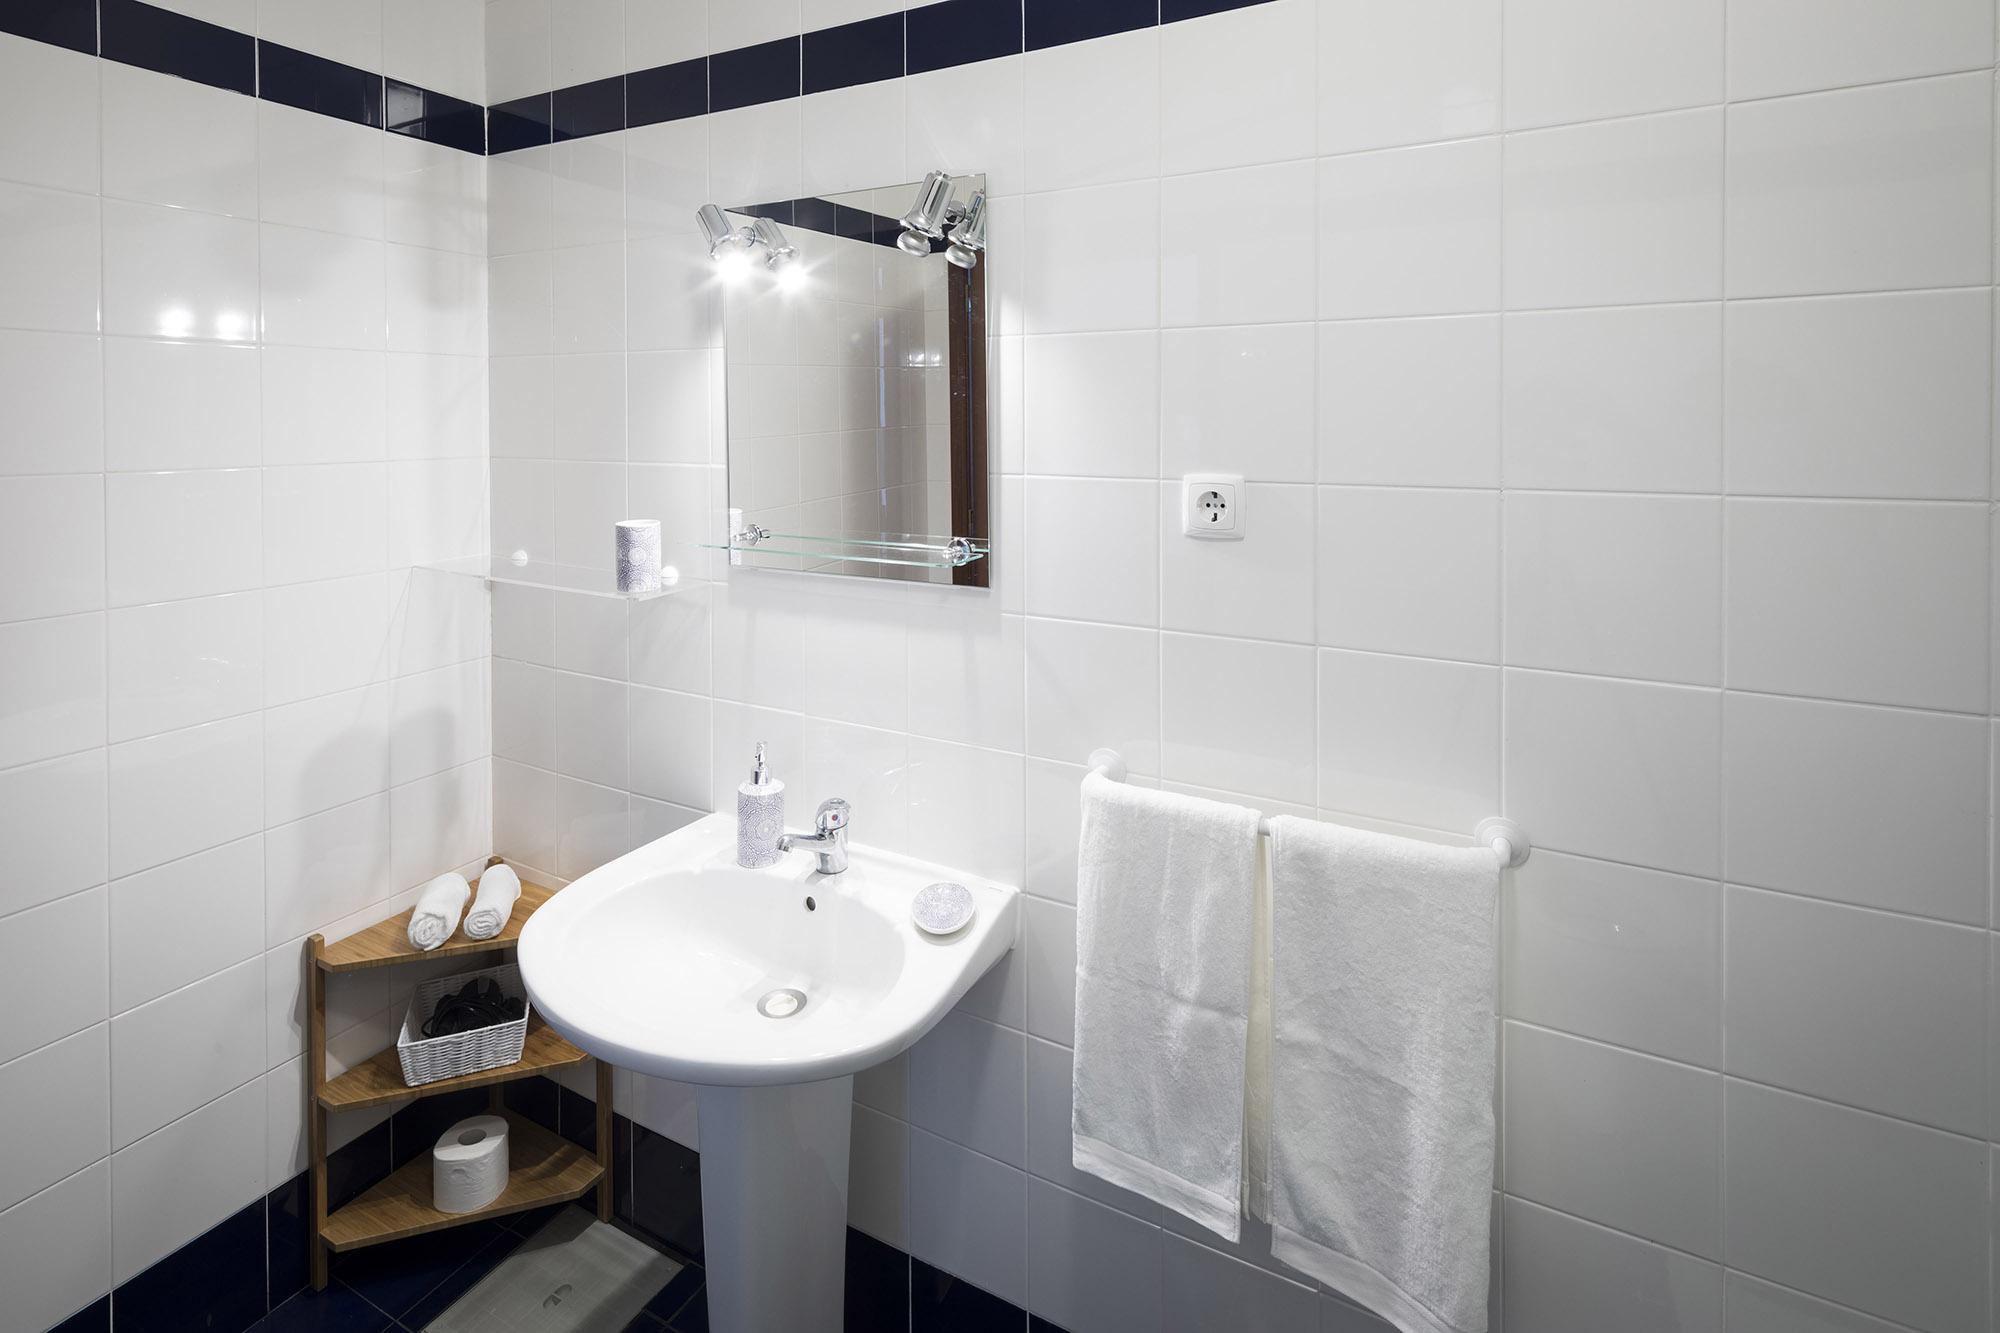 Quarto Ribafria: salle de bain